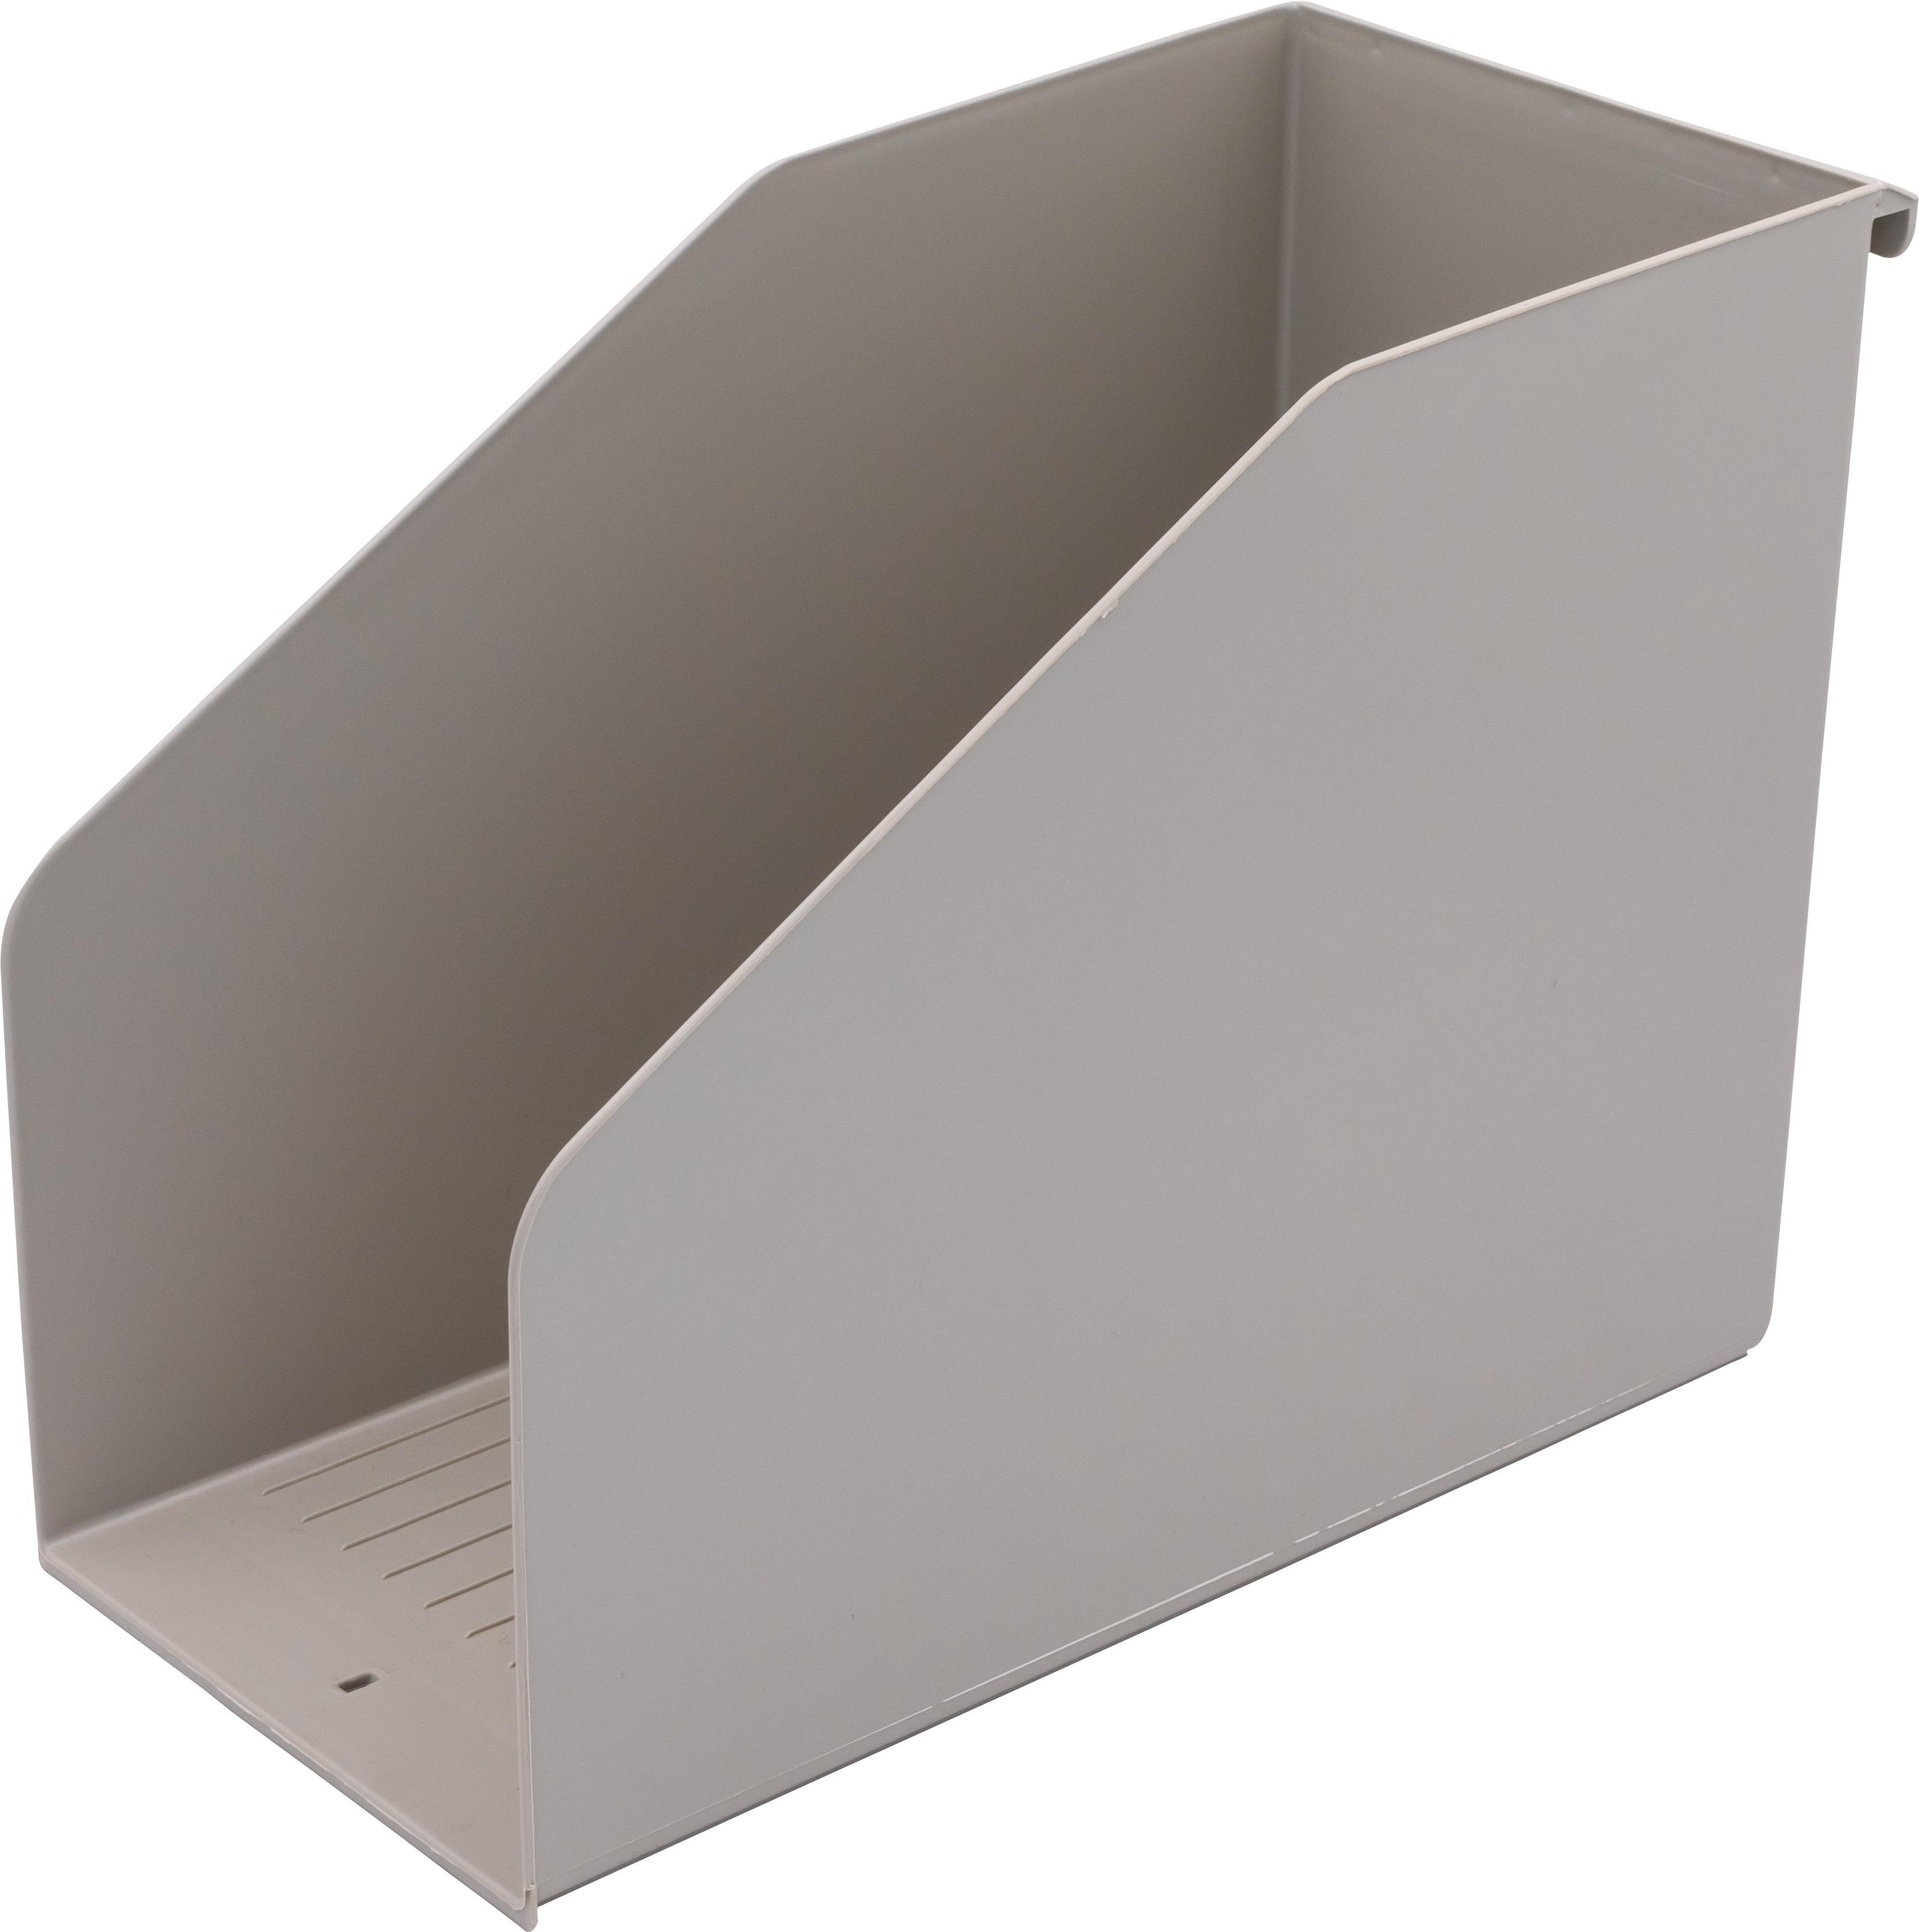 Ordnungsbox A4, lateral, 15 cm breit, Polystyrol, grau